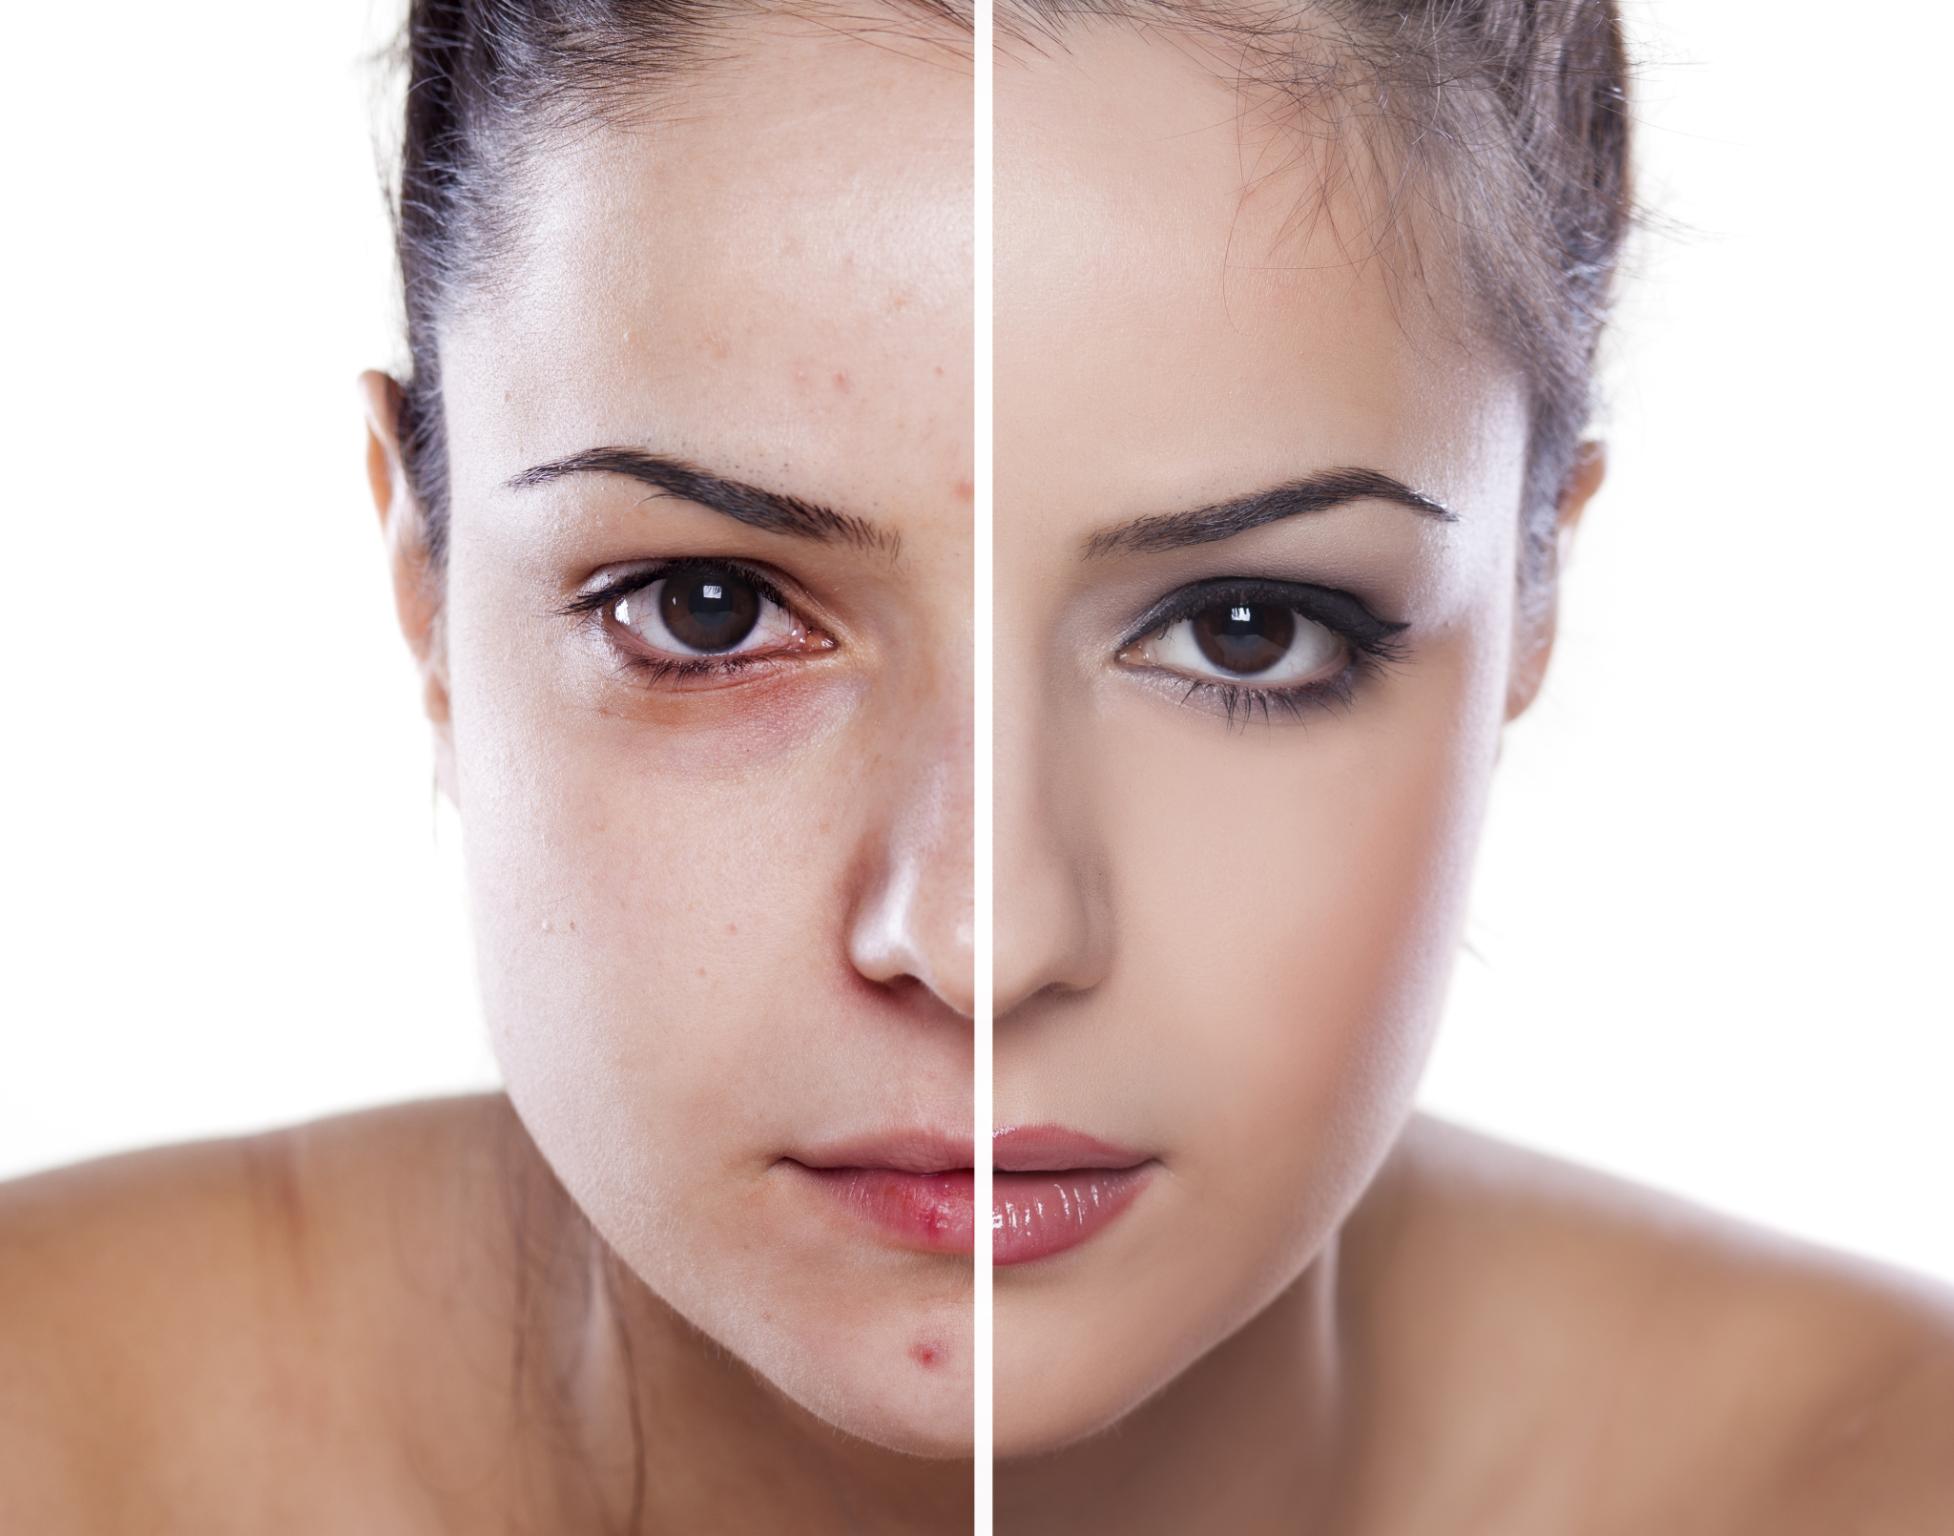 Hautkrankheiten und Schminke – Geht das überhaupt?